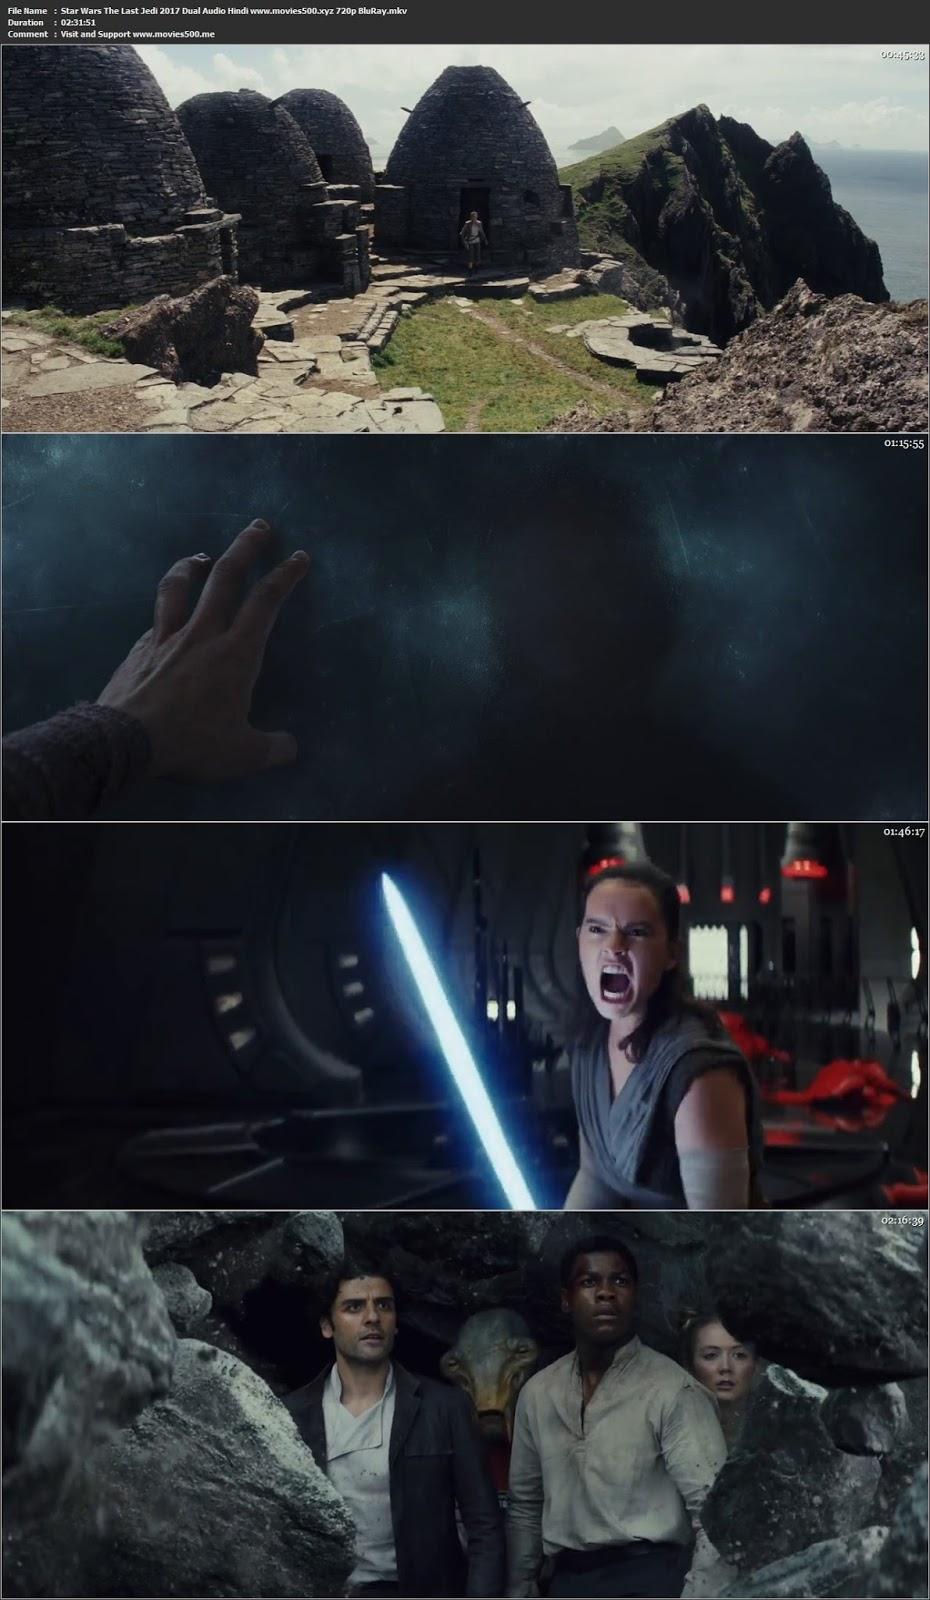 Star Wars The Last Jedi 2017 Dual Audio Hindi BluyRay 720p 1GB at 9966132.com